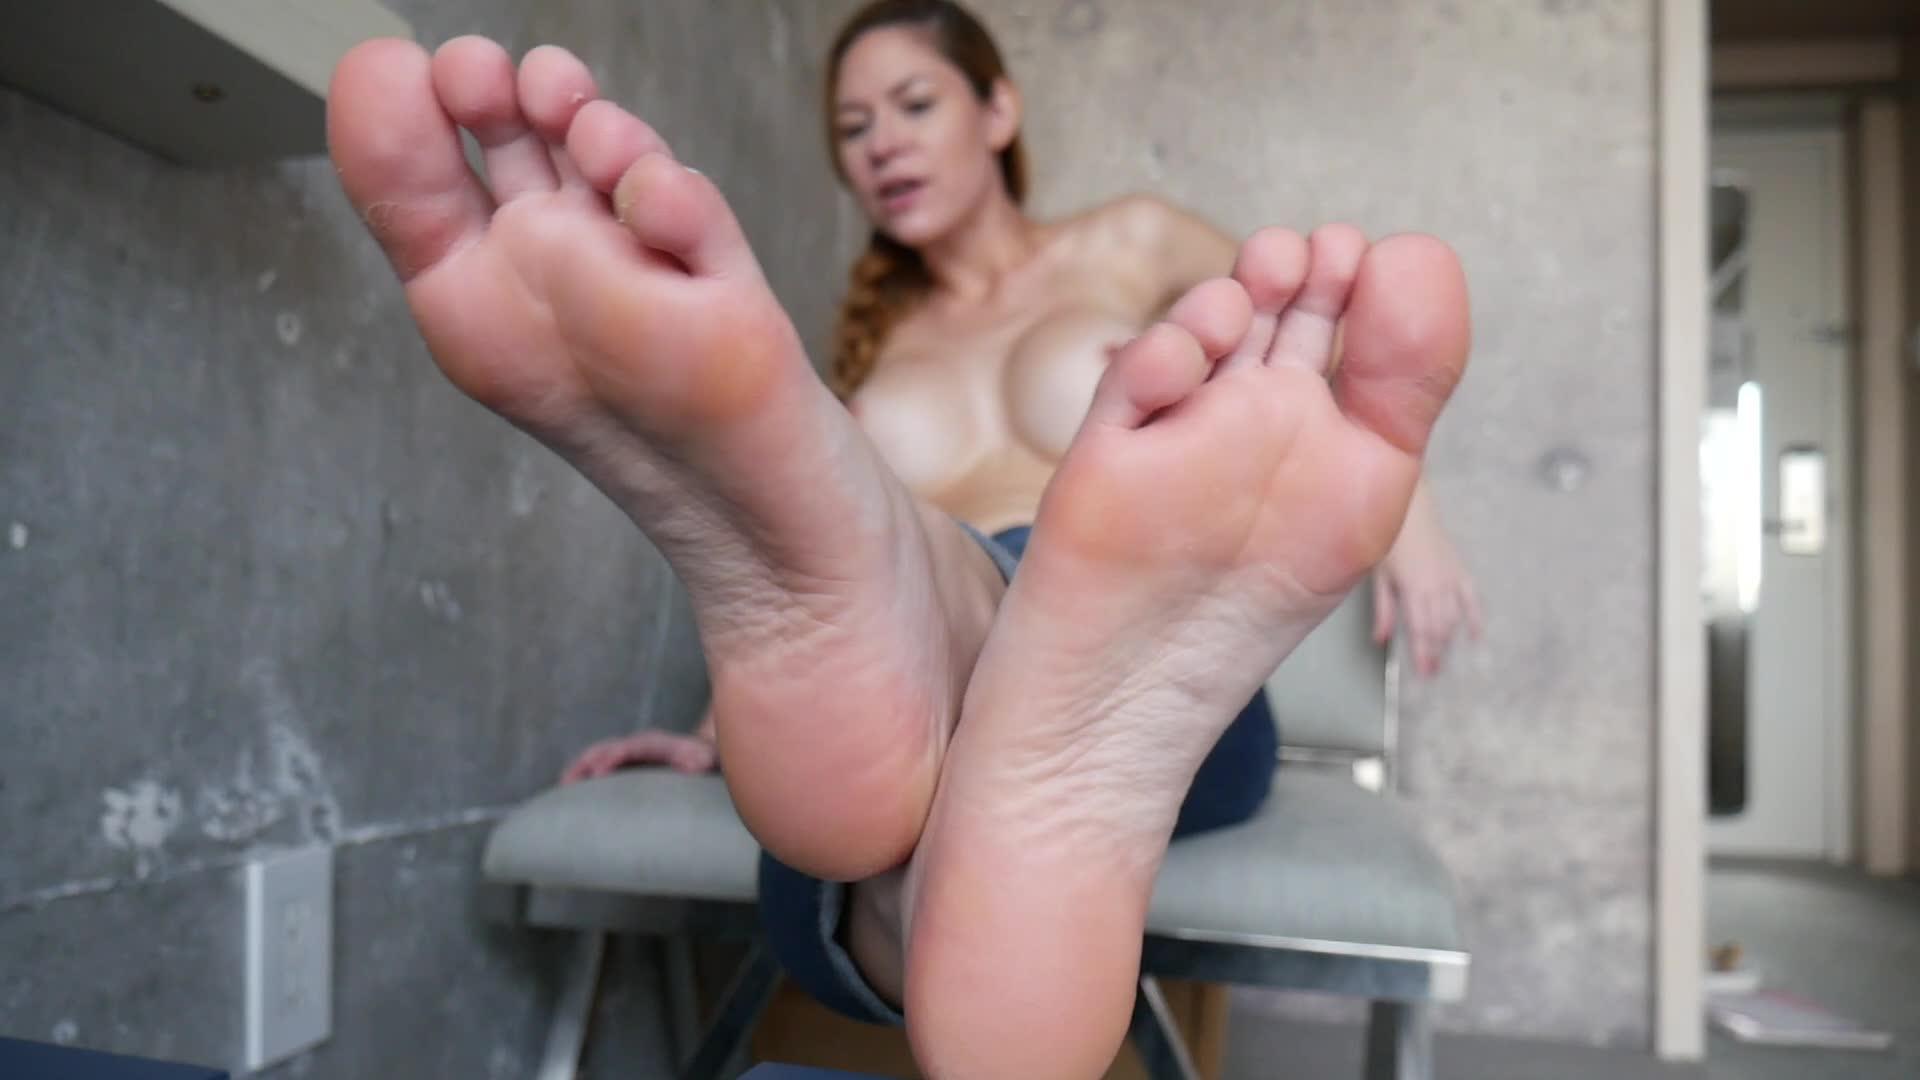 image Ass goddess teasing 23 b461r0ch4 ii music video